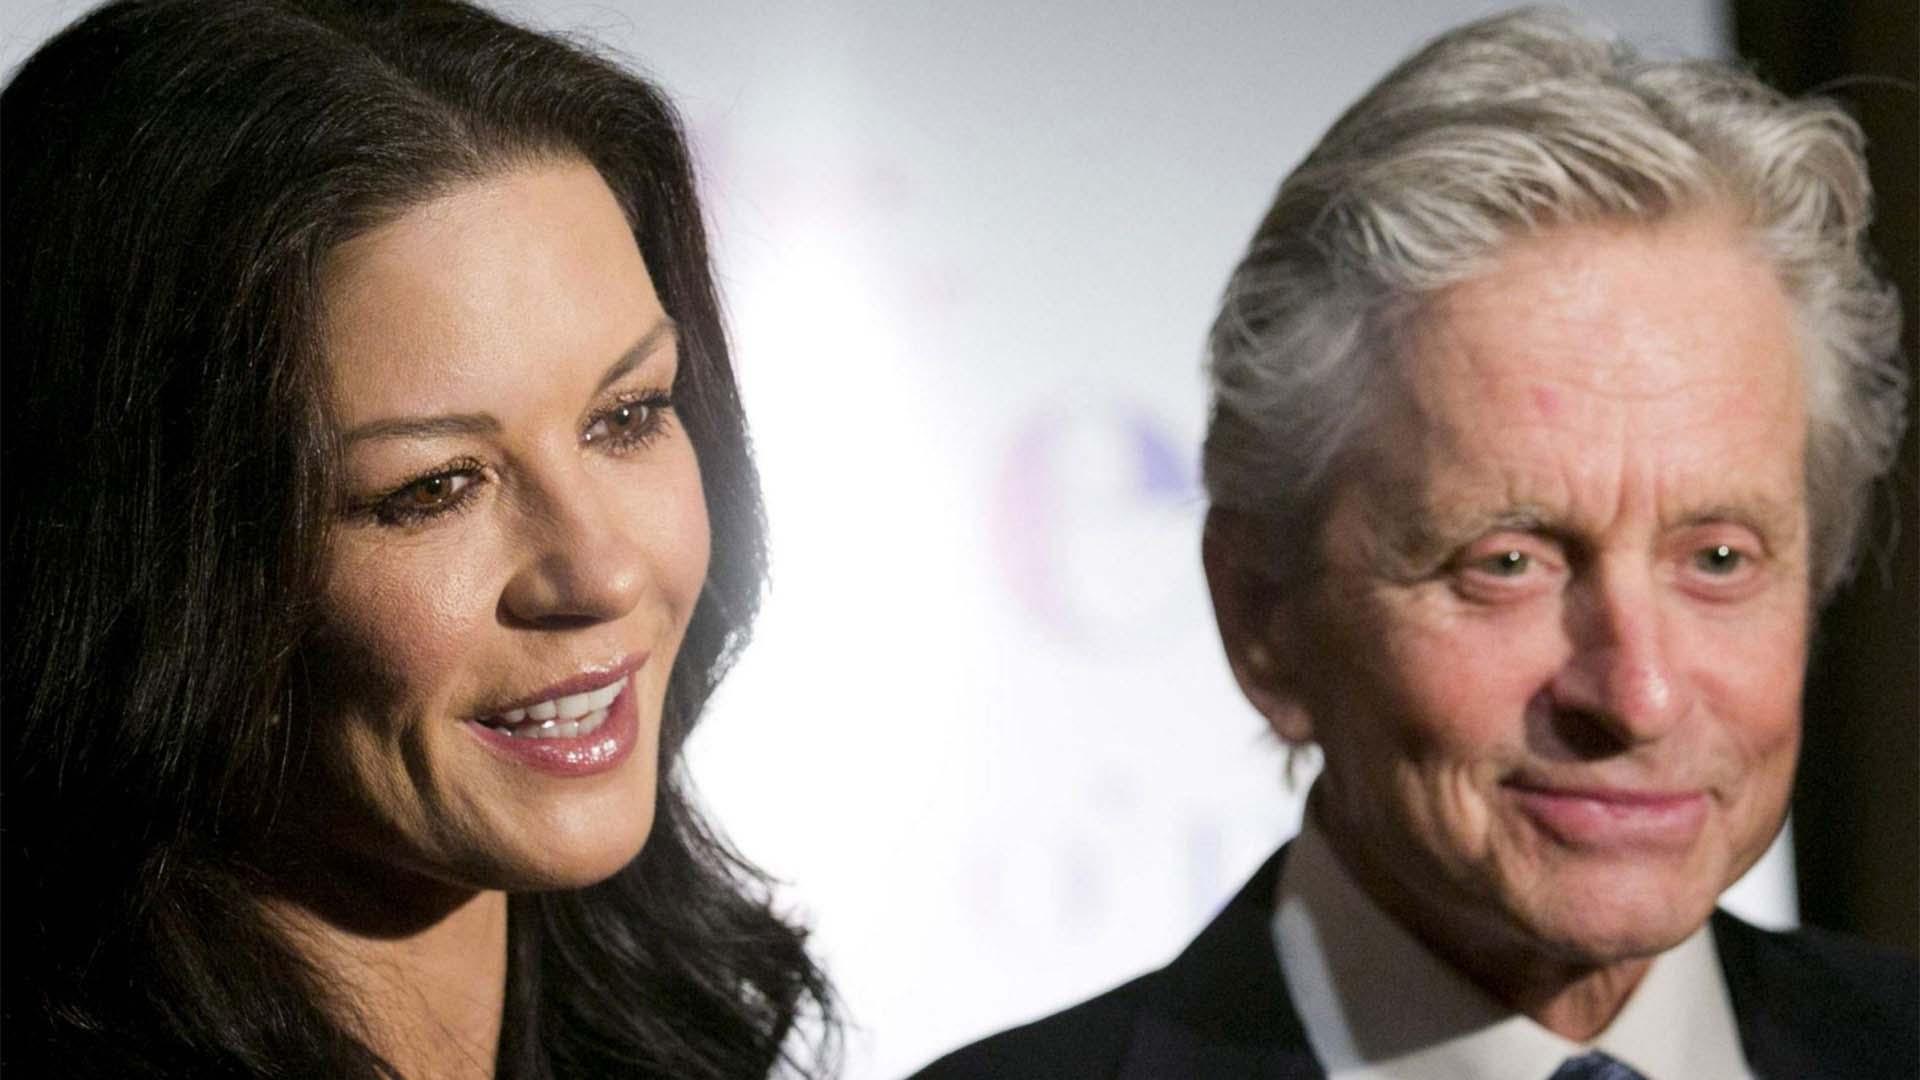 El fue diagnosticado con cáncer de garganta. Años más tarde ella sufrió de bipolaridad. (AP Photo/Charles Sykes)